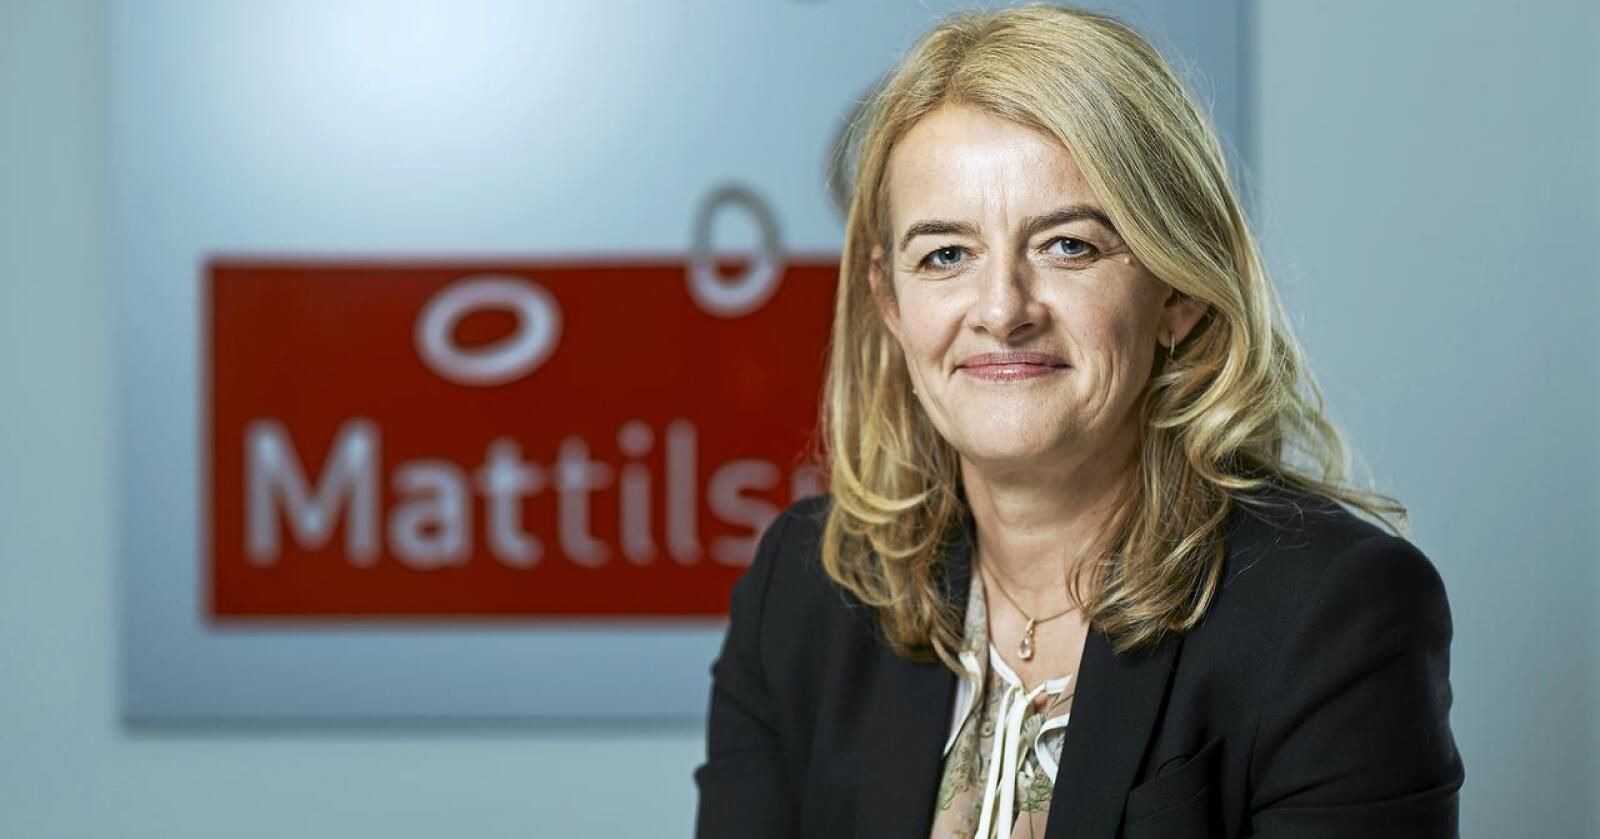 Ingunn Midttun Godal, administrerande direktør i Mattilsynet, roses av anonyme kritikere. Foto: Mattilsynet